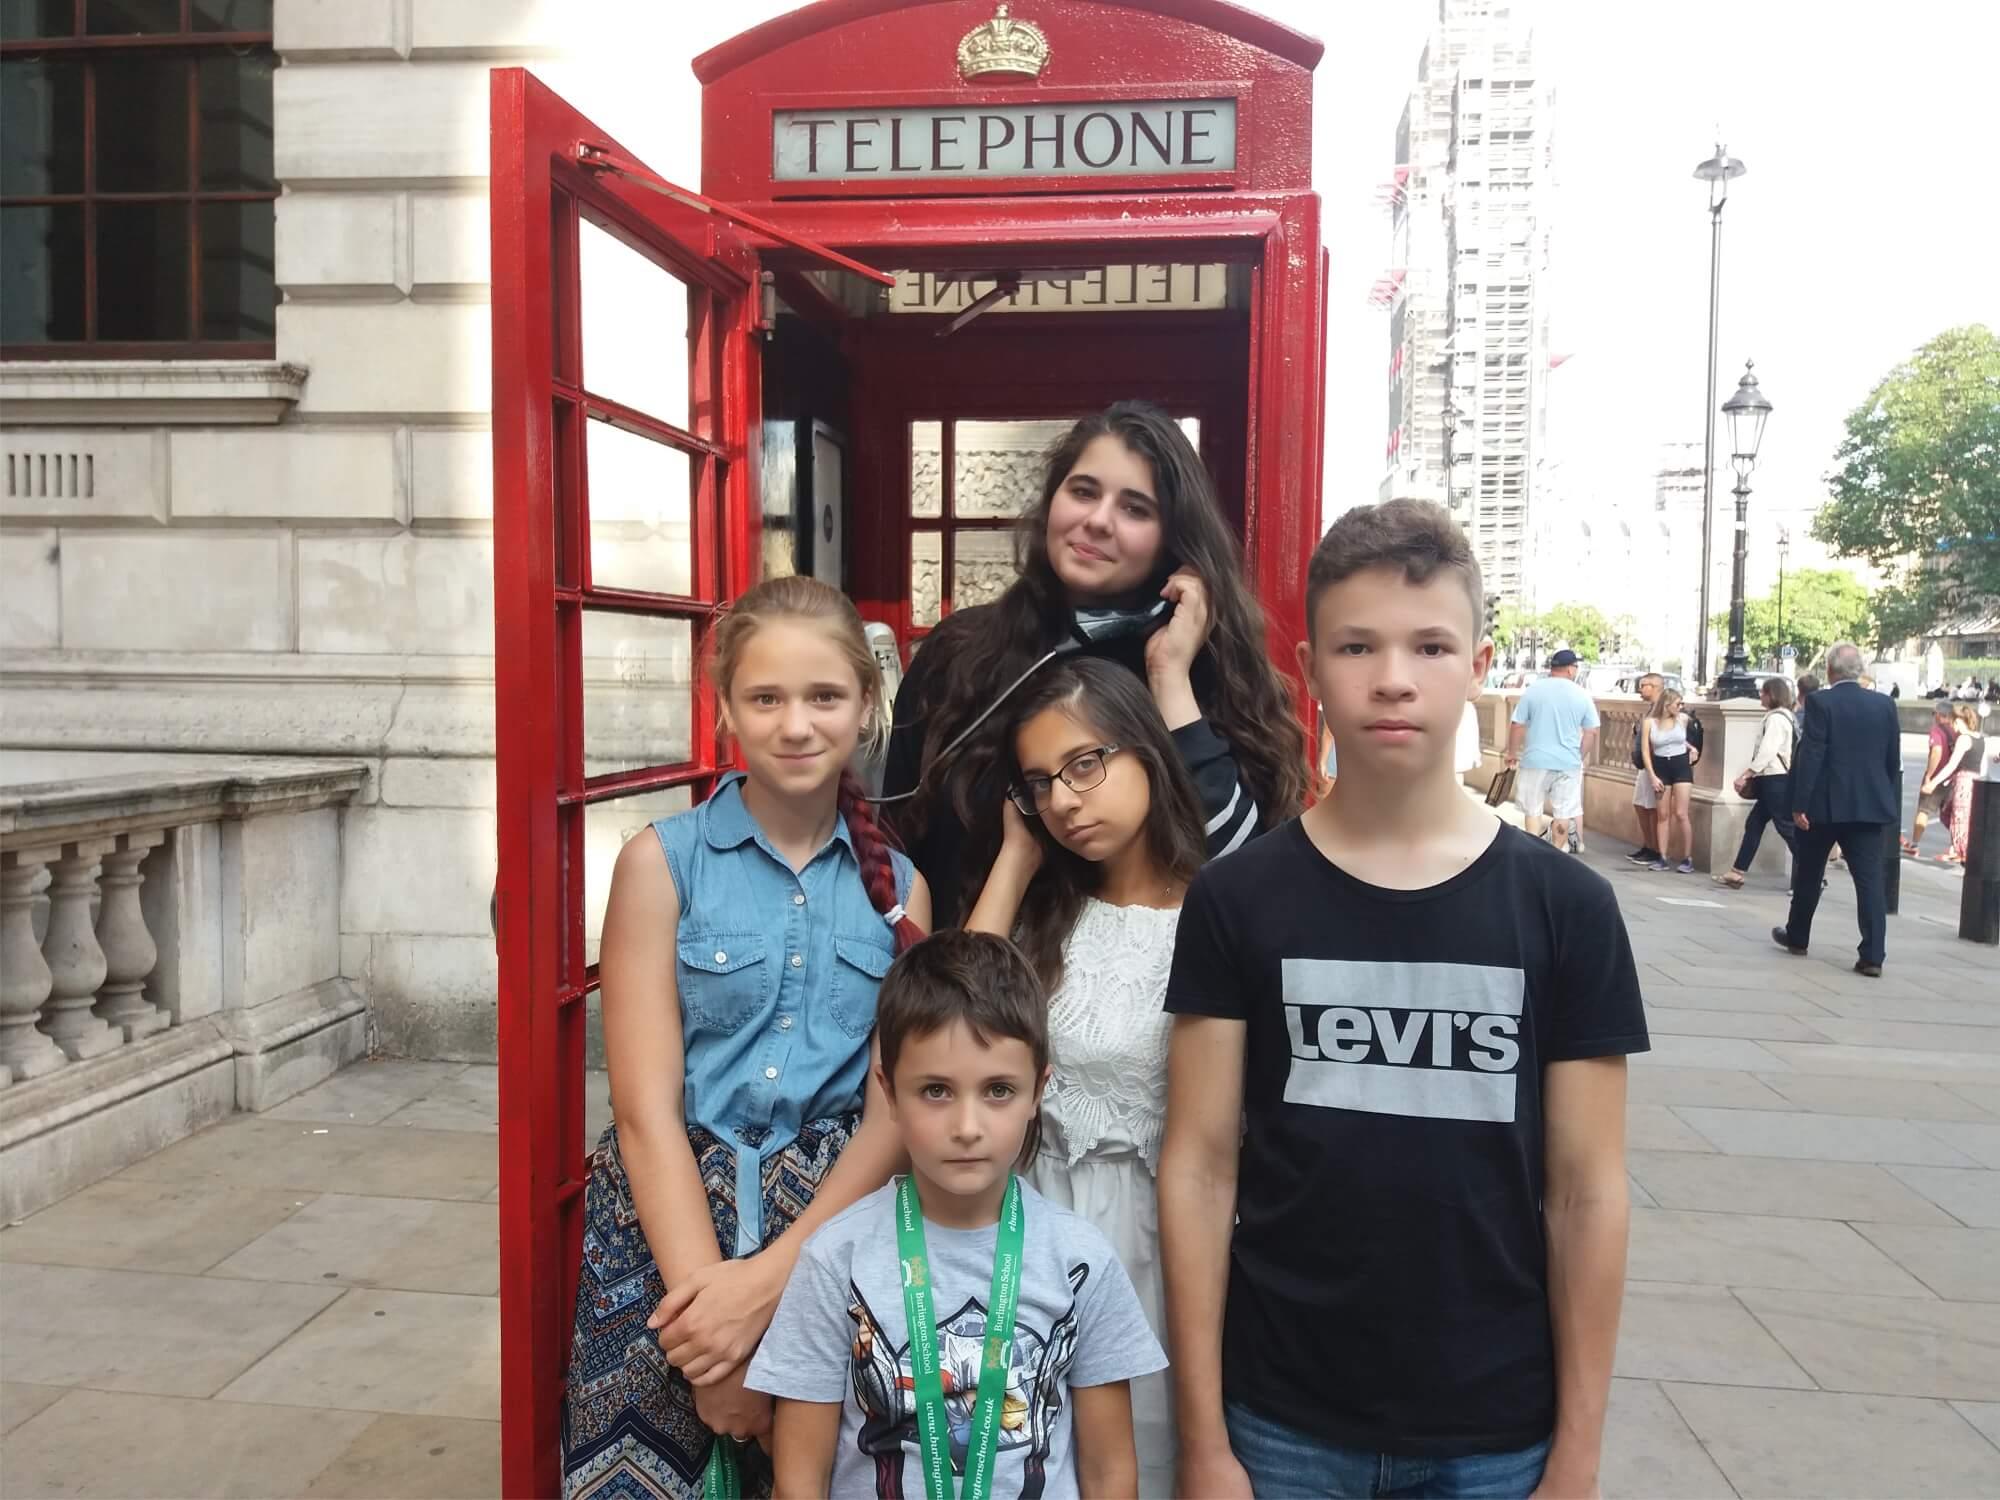 london_2018_13